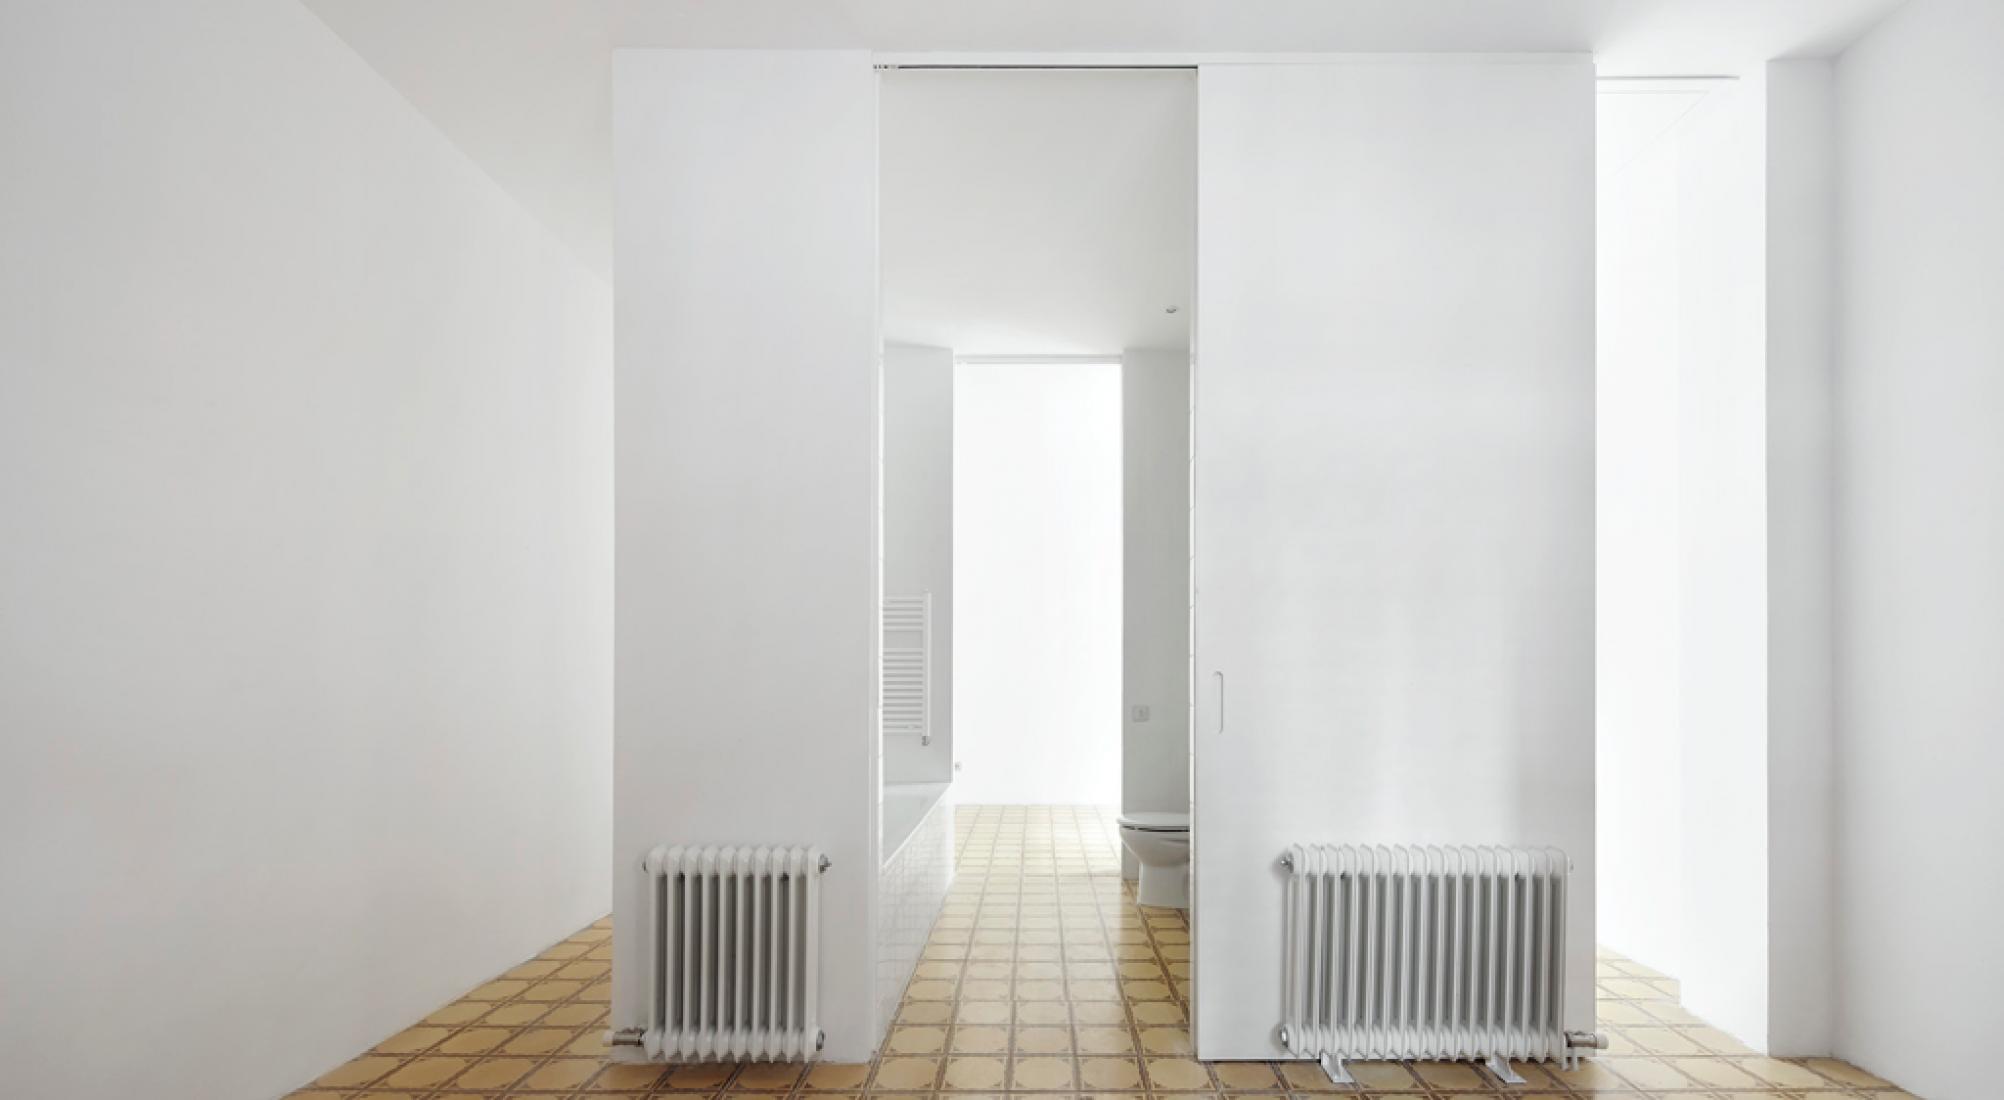 Planta superior. Reforma de una vivienda en Nou Barris, por Arquitectura-G. Fotografía © José Hevia.